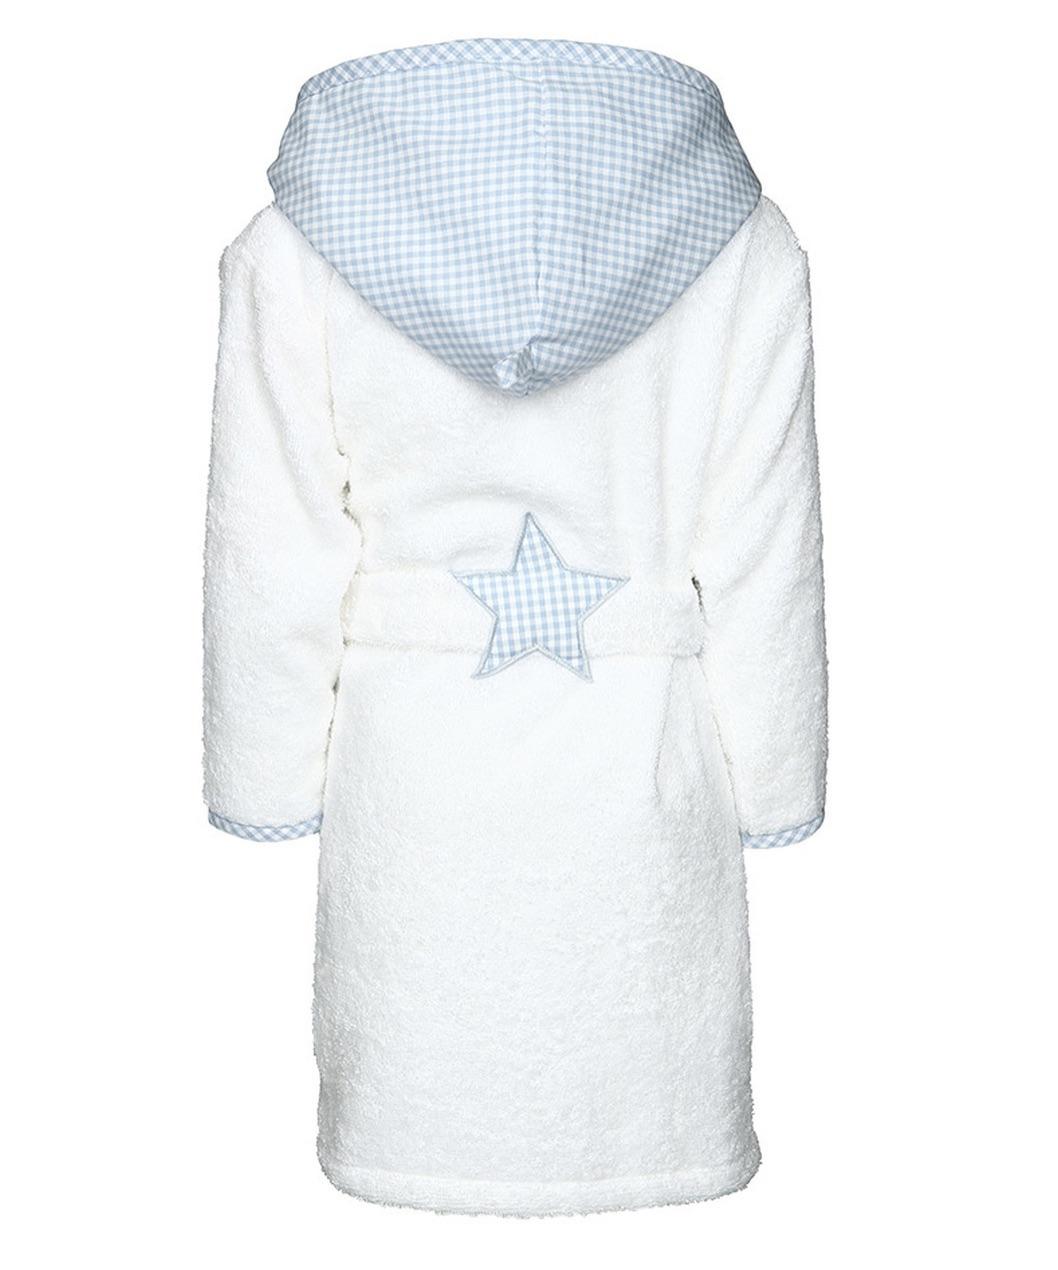 Bademantel Vichykaro hellblau Stern - personalisierbar mit Namen